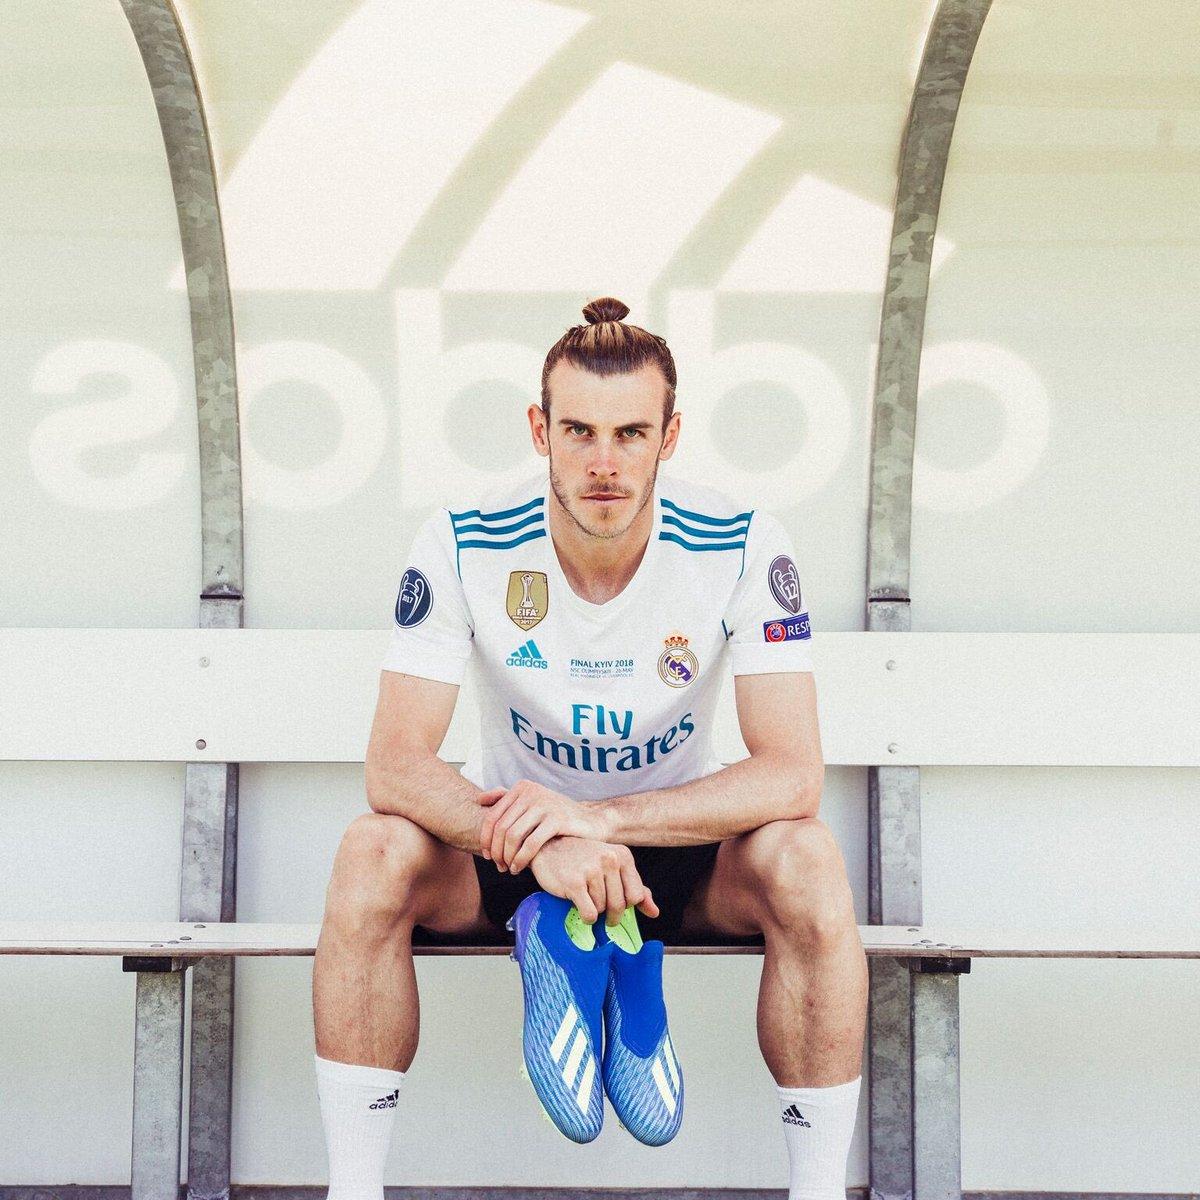 Gareth Bale on Twitter